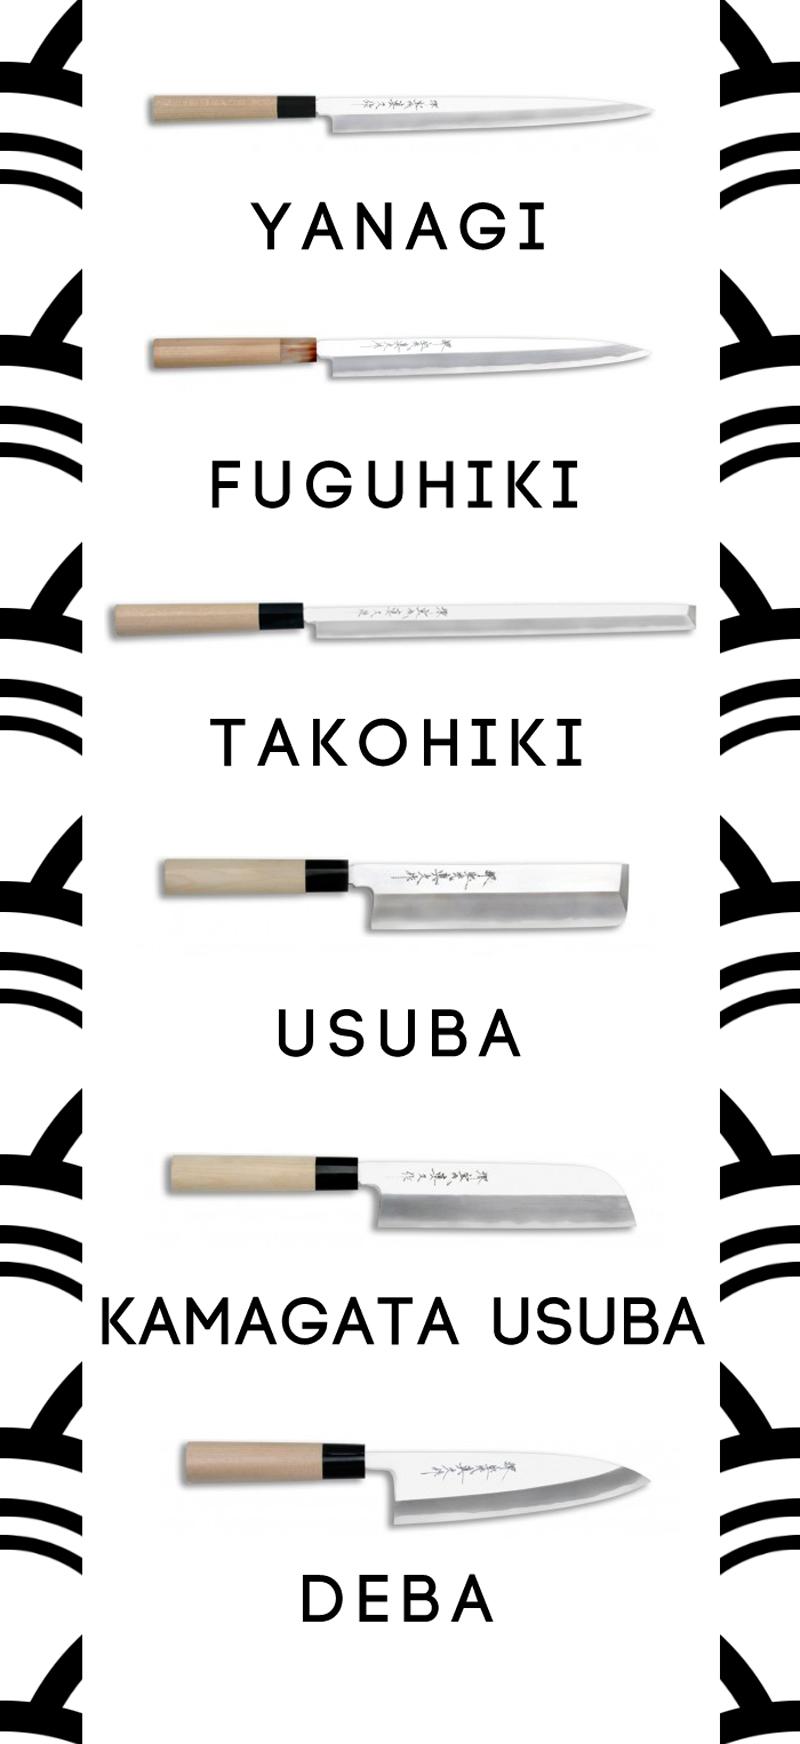 Tipos de cuchillos japoneses y sus usos condospalillos for Tipos de manga japones